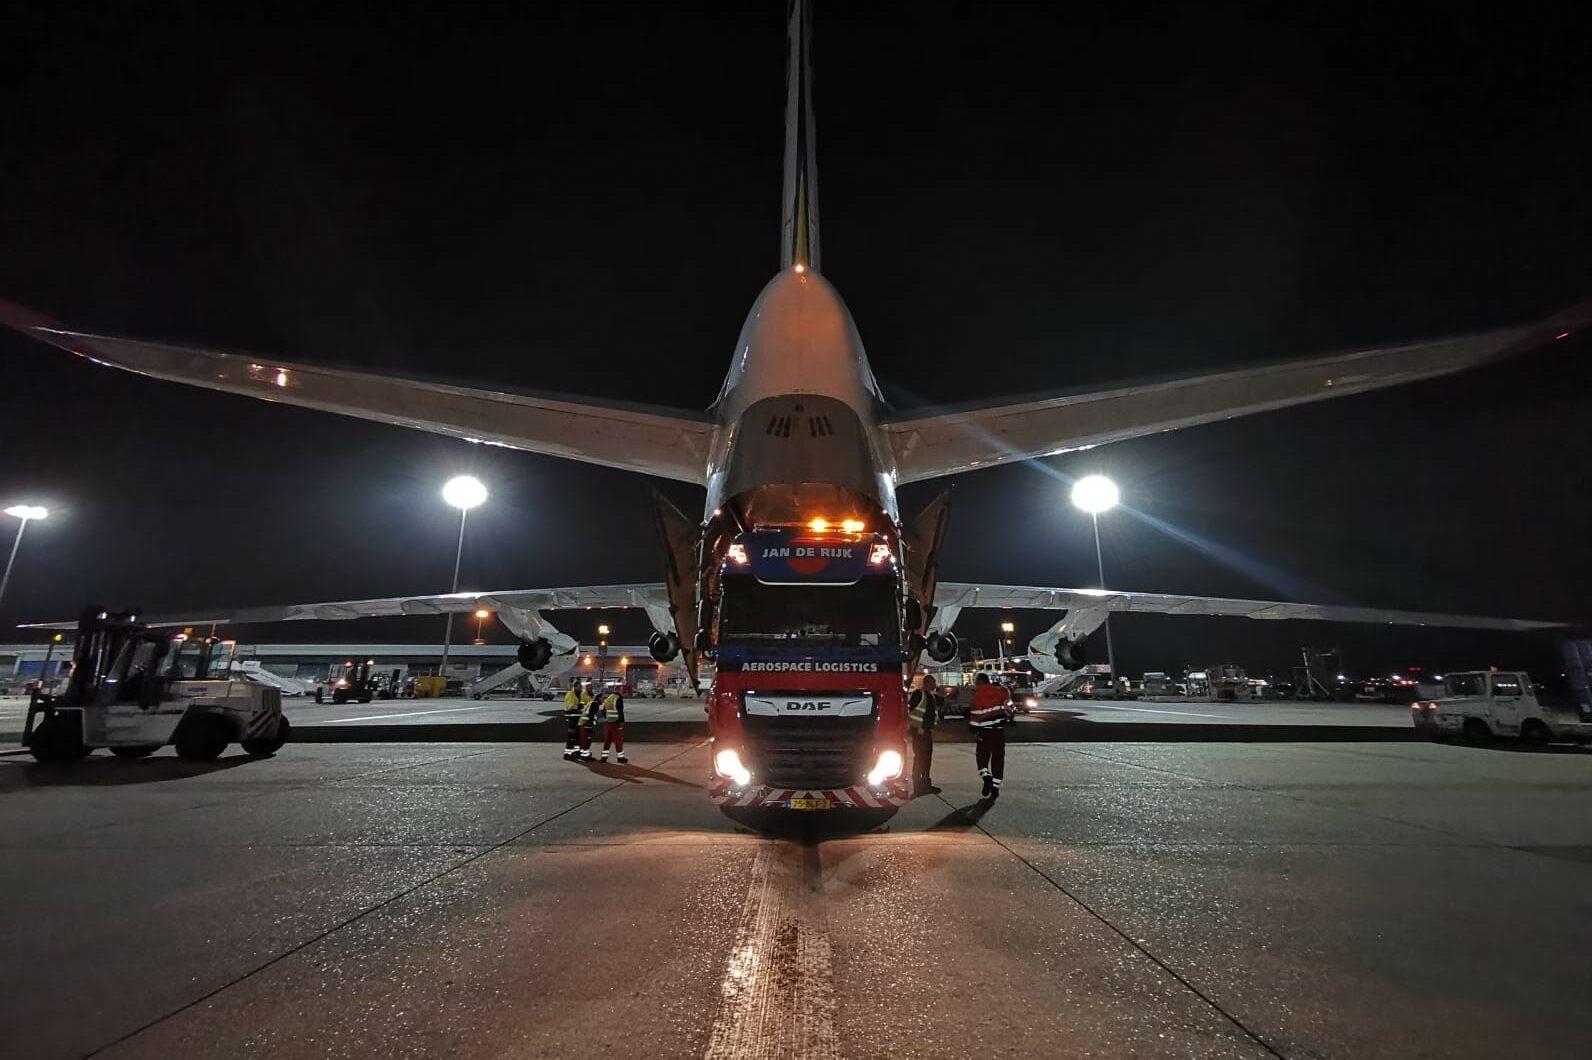 Jan de Rijk Aerospace Logistics